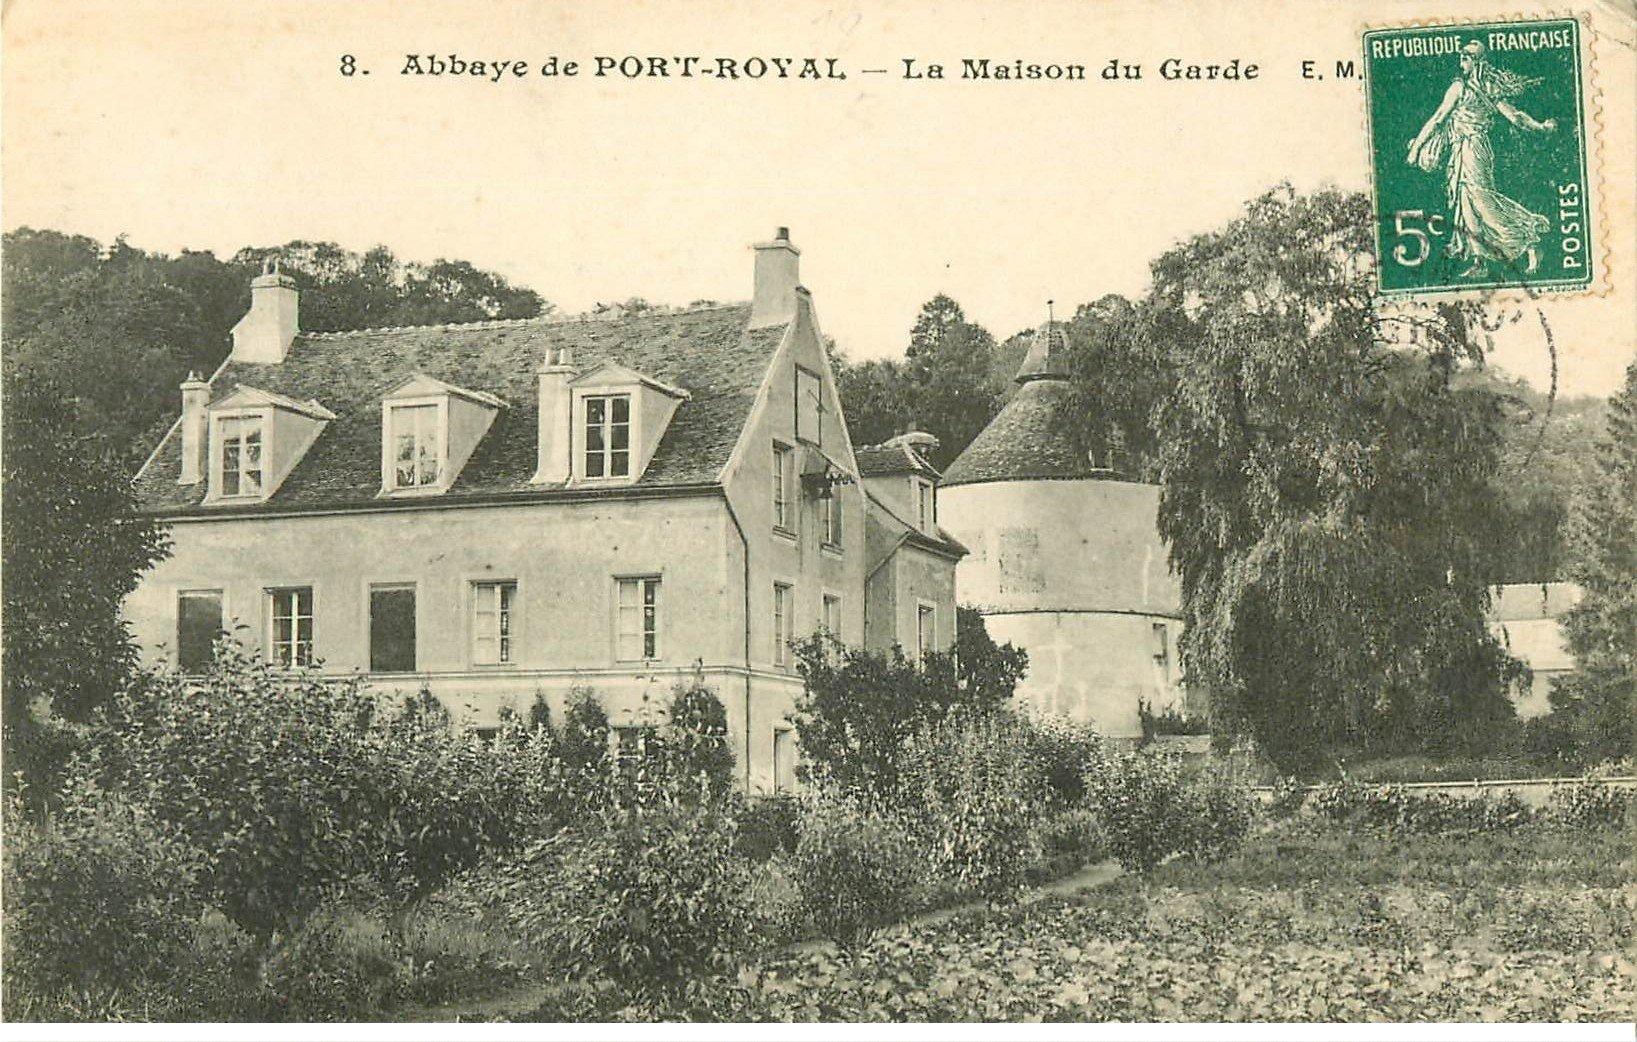 78 port royal des champs maison du garde 1910 for Ancienne maison des gardes lourmarin france